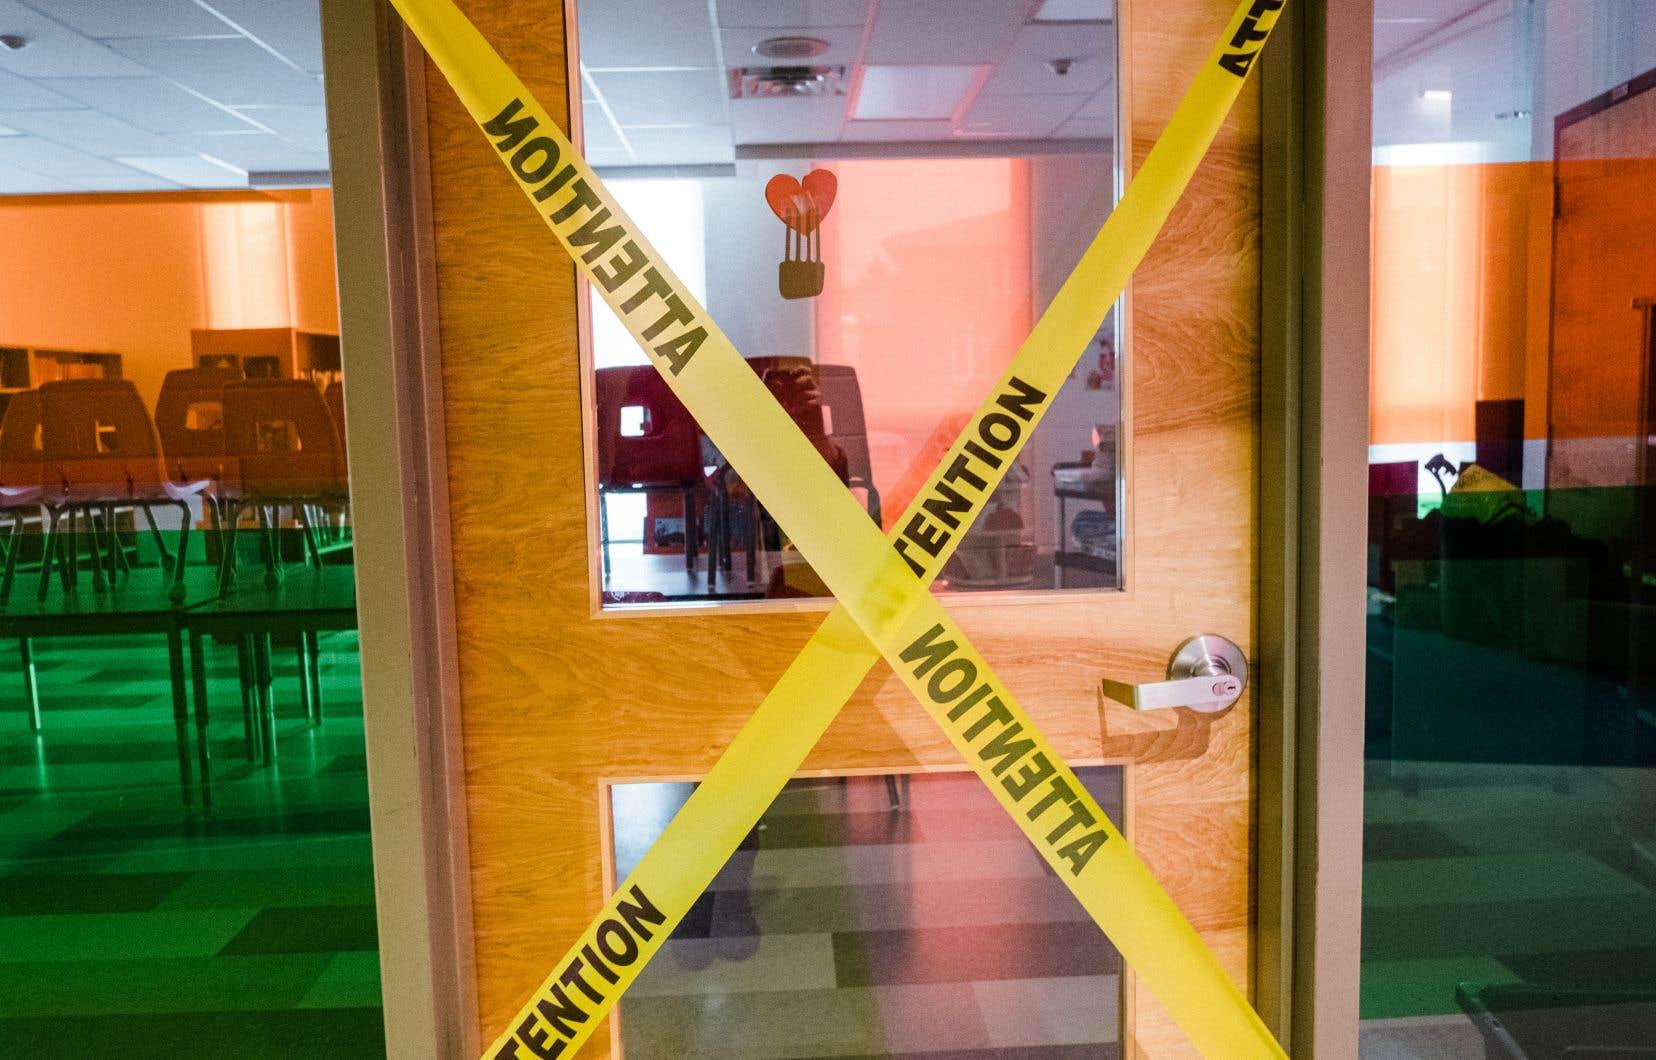 L'accès à la bibliothèque de l'école primaire Saint-Romain est condamné.